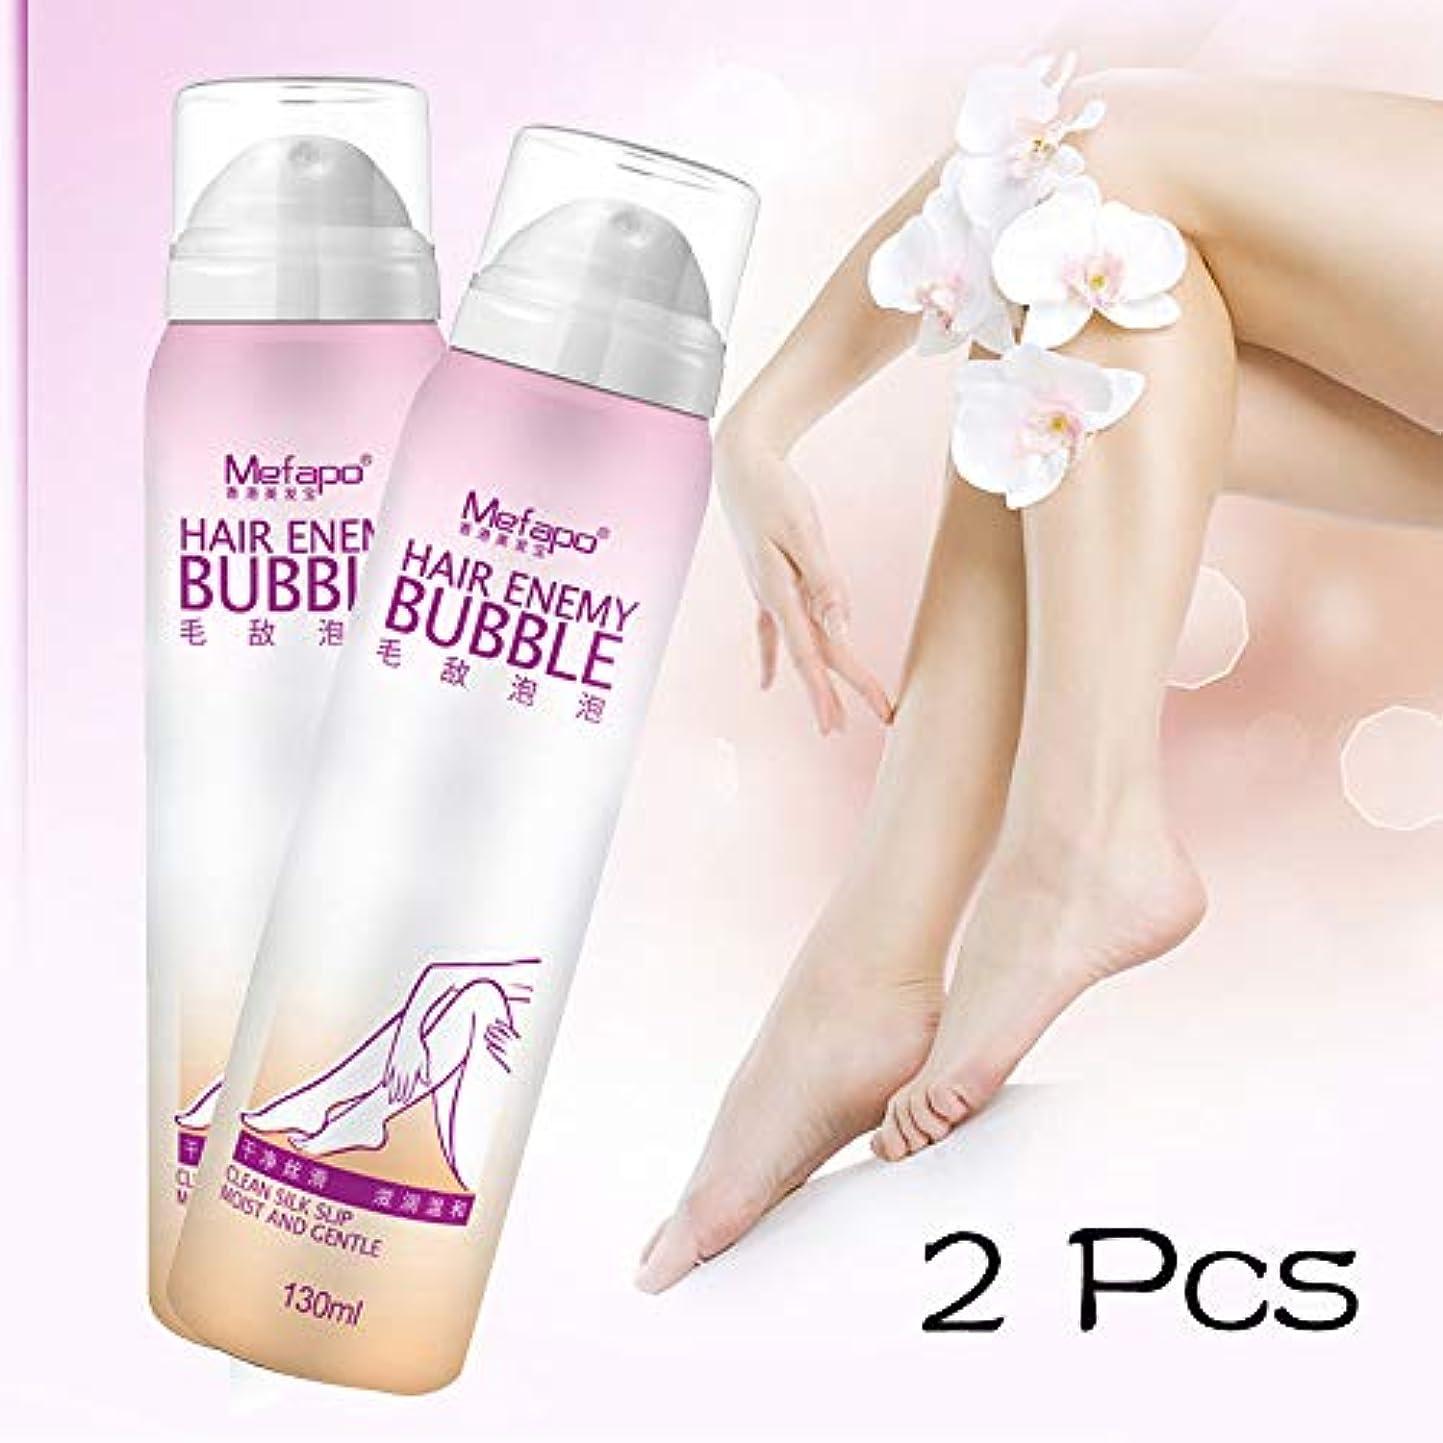 宇宙船急流ボウリング(2パケット)痛みを伴う痛みなし痛みなし抗アレルギームーススプレー、フォームムースクリーム脱毛剤最高の女性と男性のマキアジェム脱毛クリーム Painless No Damage No Pain Anti allergic Mousse Spray, Foam Mousse Creams Depilatories Best Women and Men Maquiagem Hair Removal Cream (2 packet)